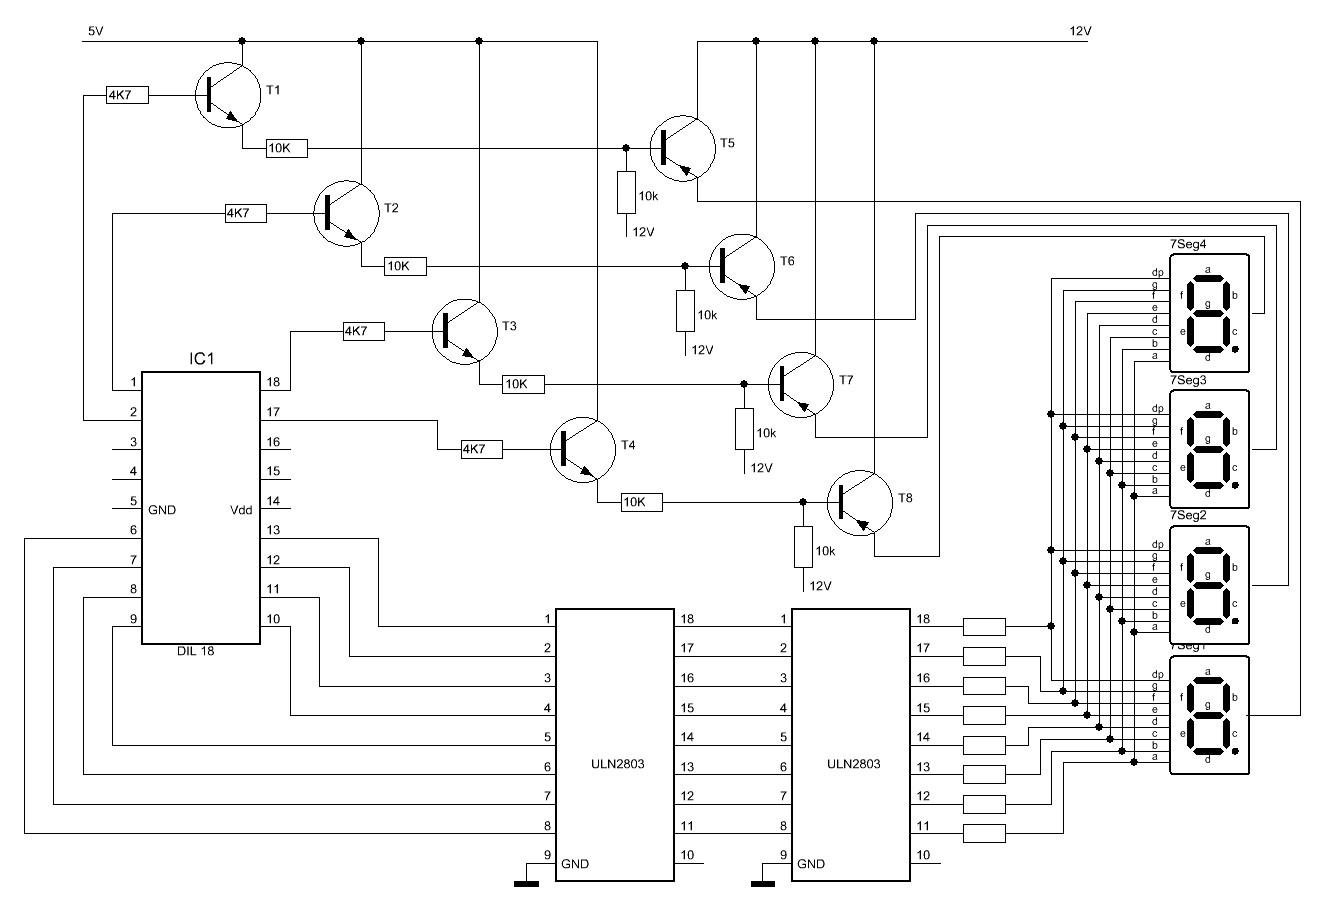 Dcf Klok Met Led Display Forum Circuits Online Circuit Calculator Http Wwwcircuitsonlinenet Download 48 Uploadarchiefnet Files